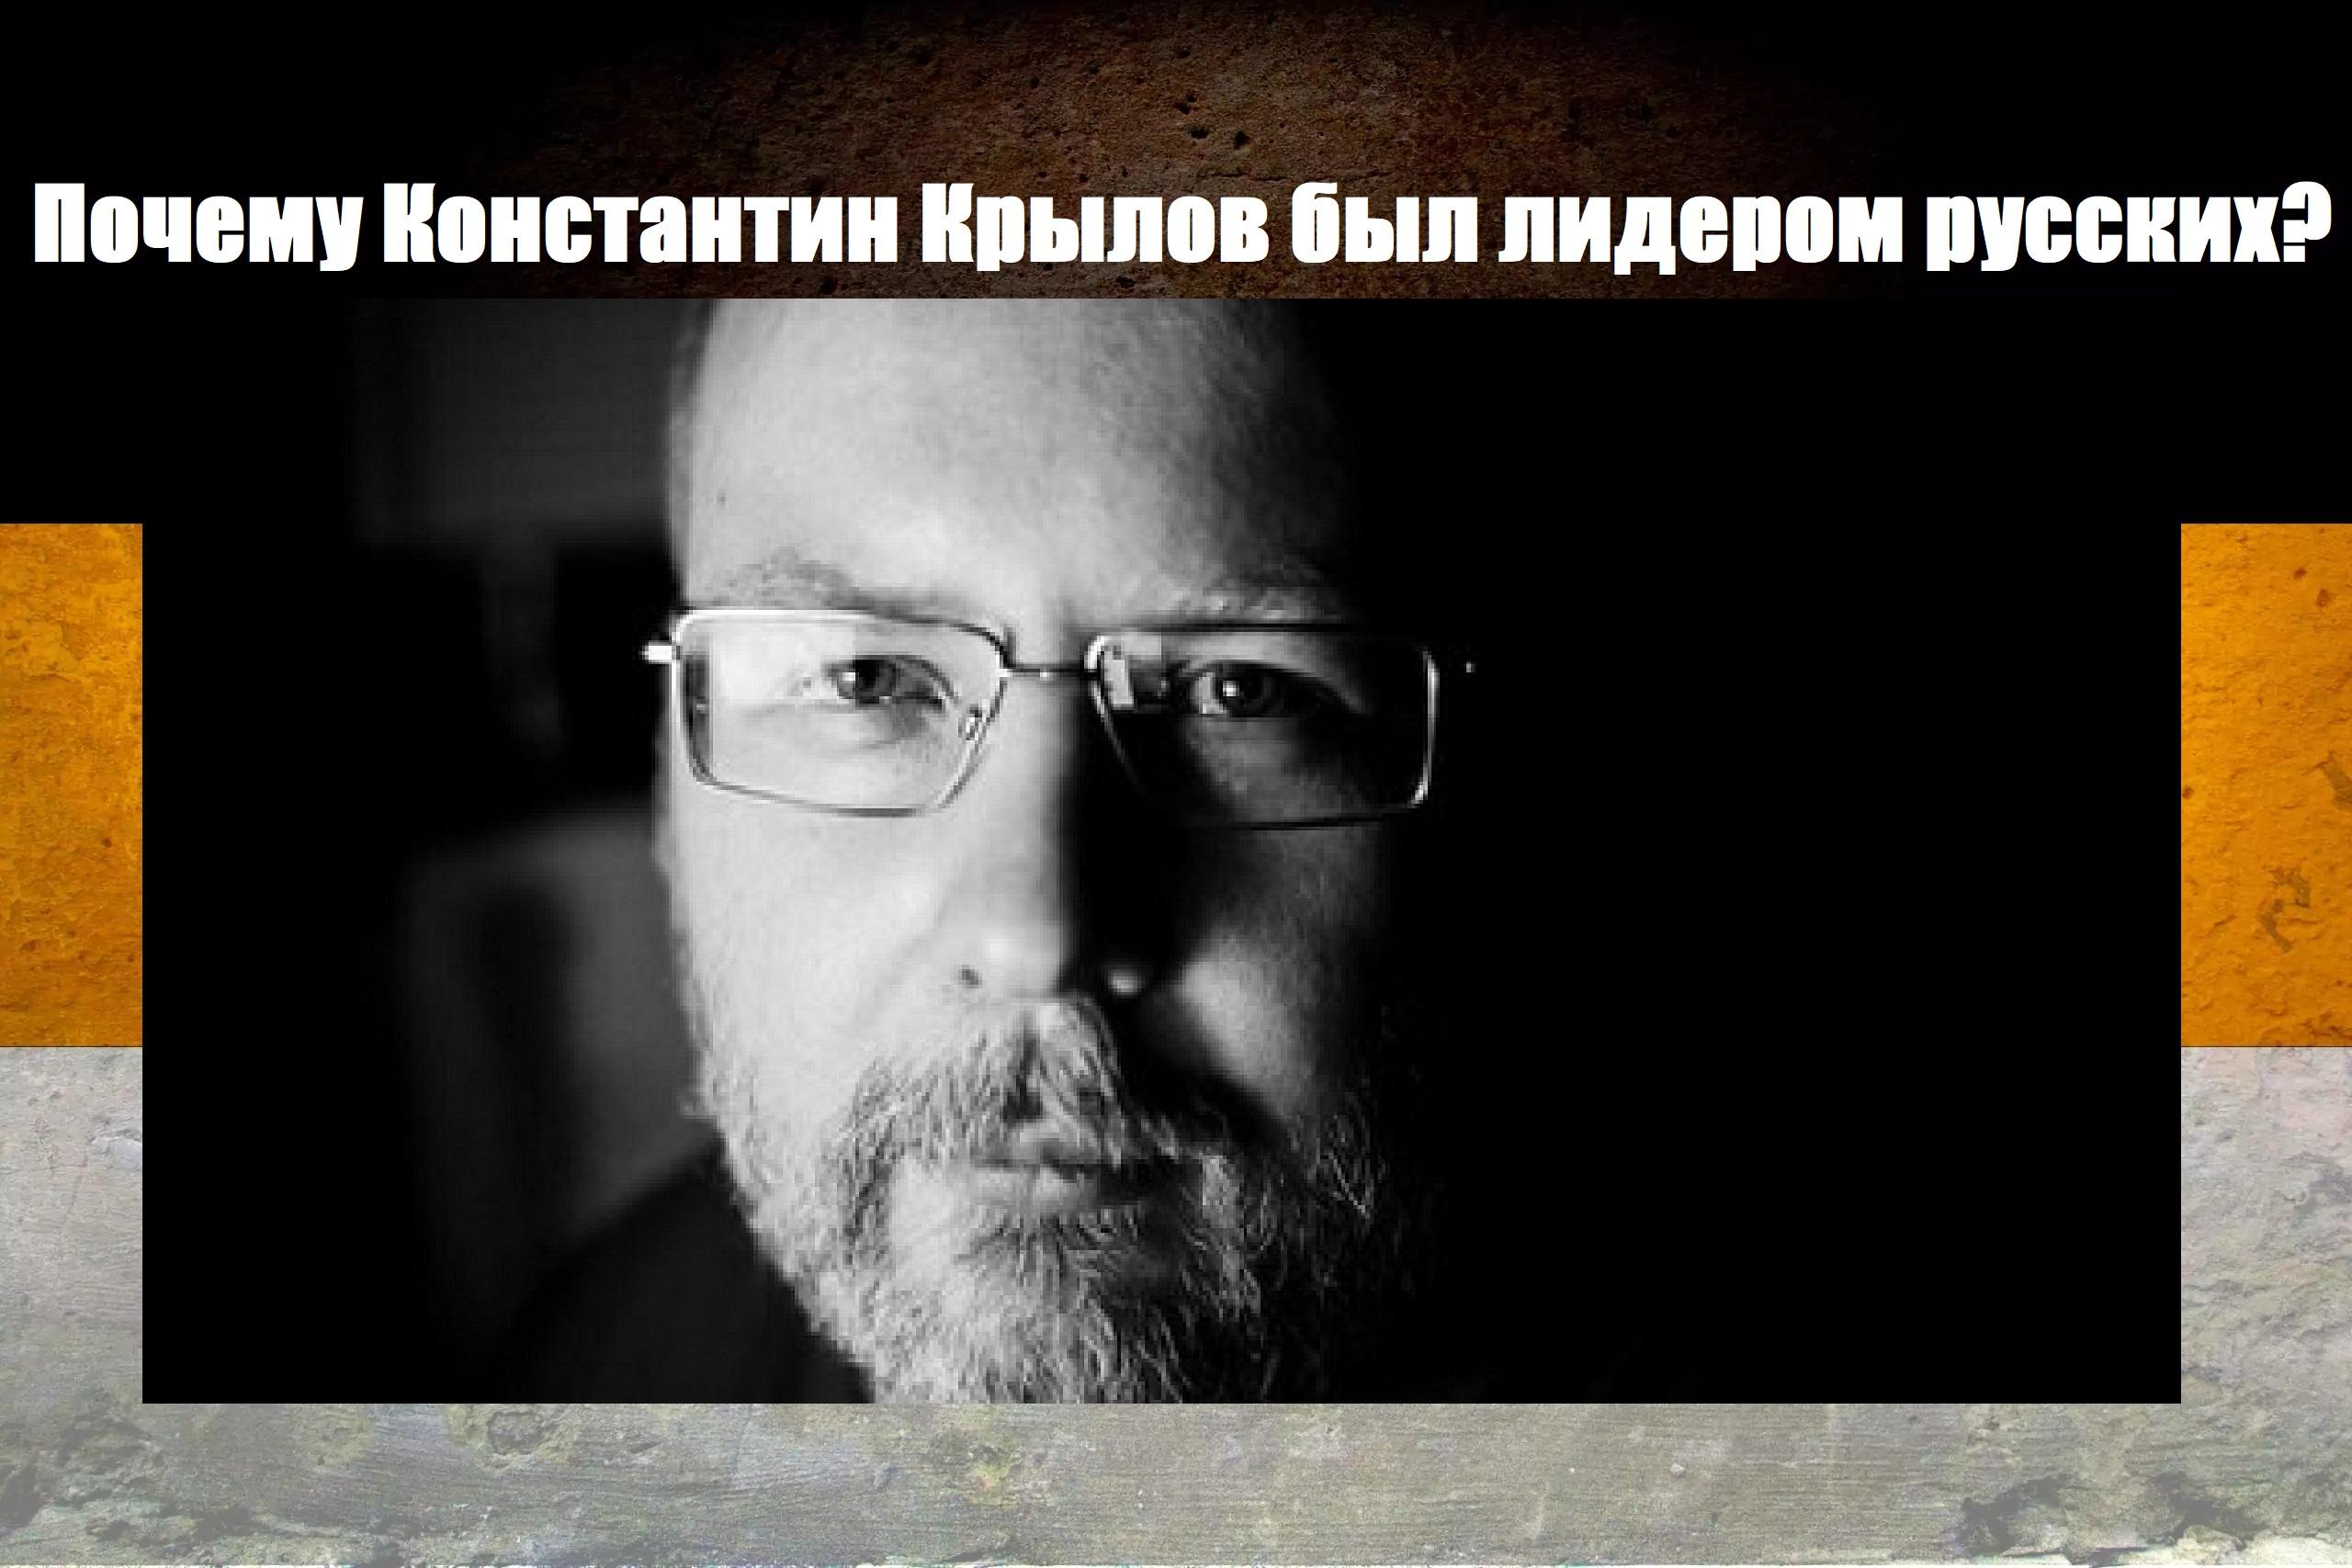 Константин Крылов - лучшие видео